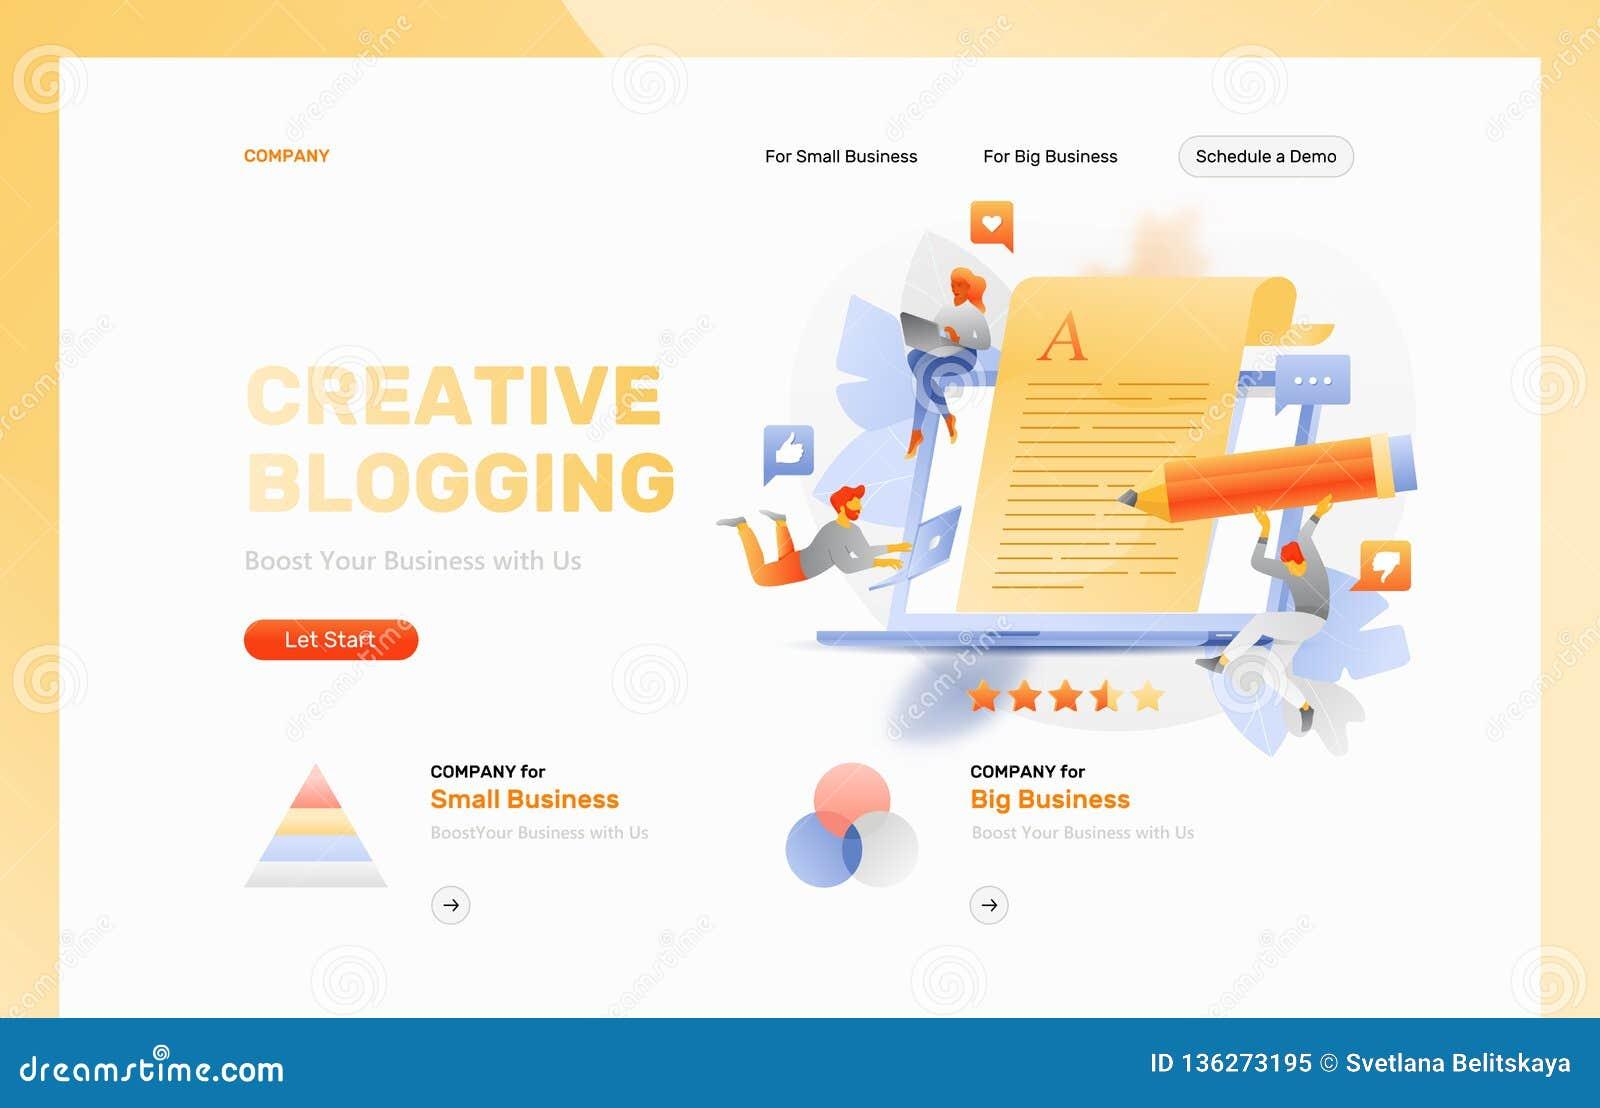 Creative Blogging Web Page Header